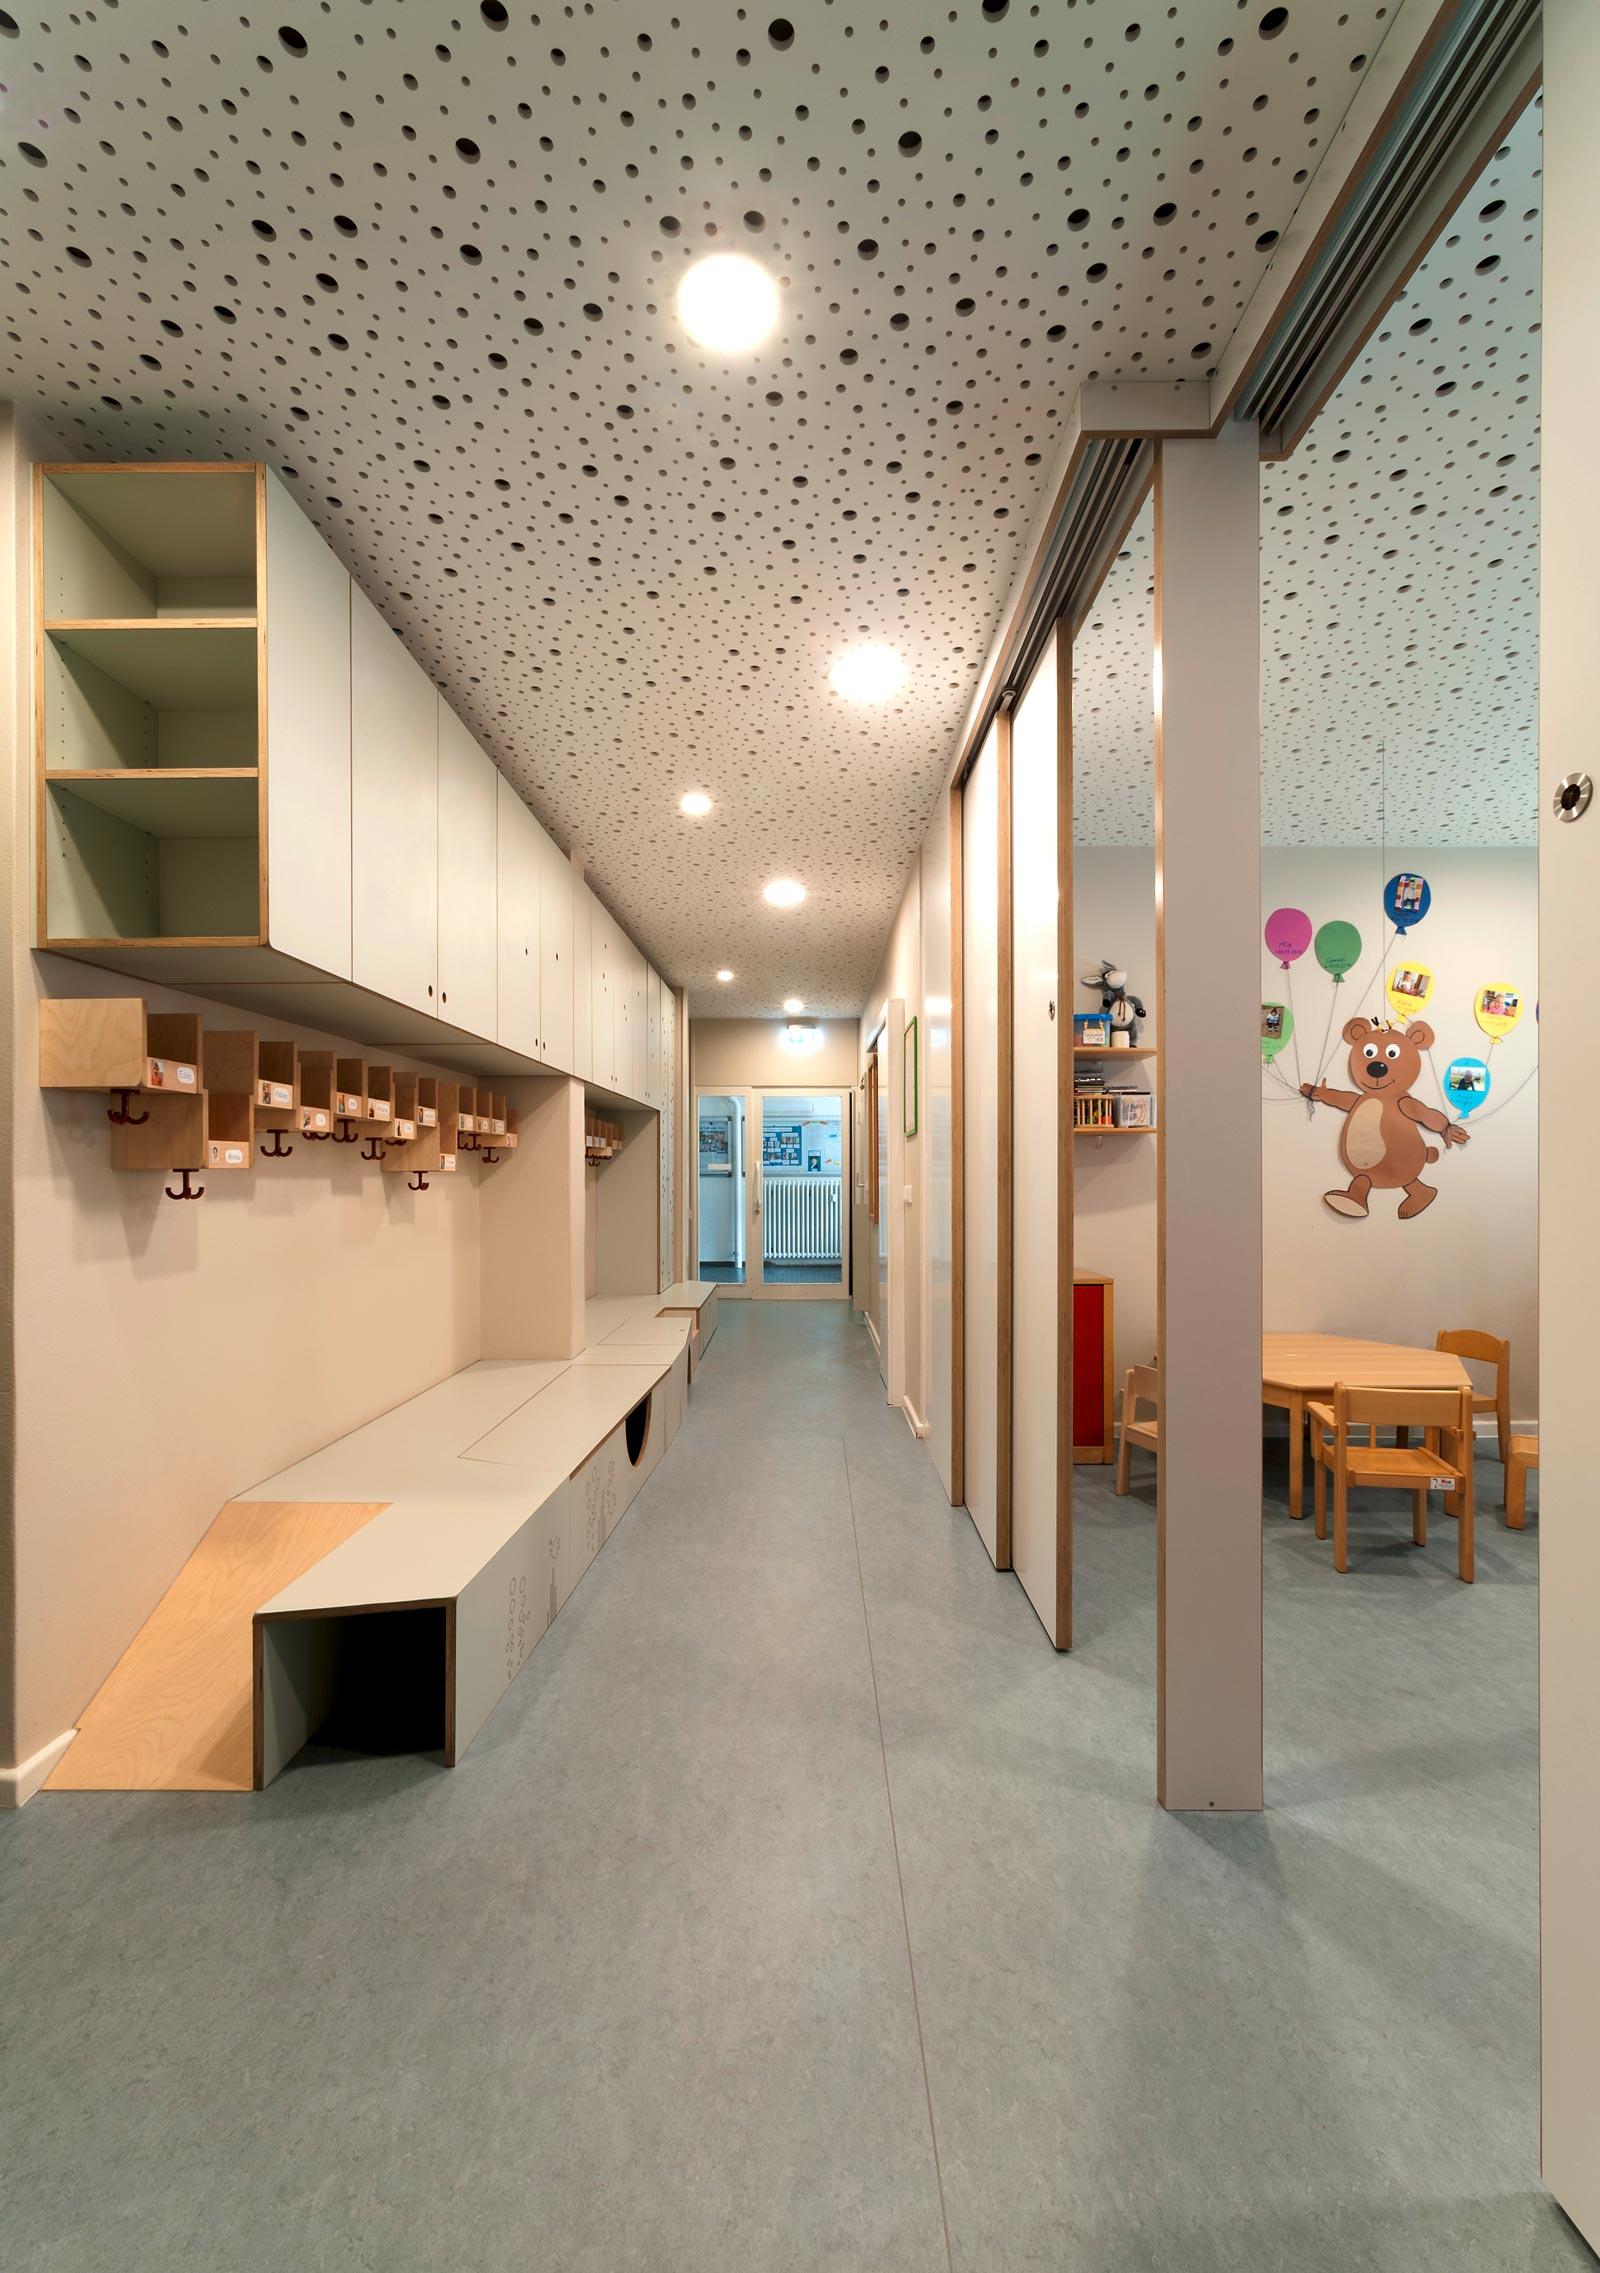 eyrich hertweck architekten berlin  unterwasserwelt 2